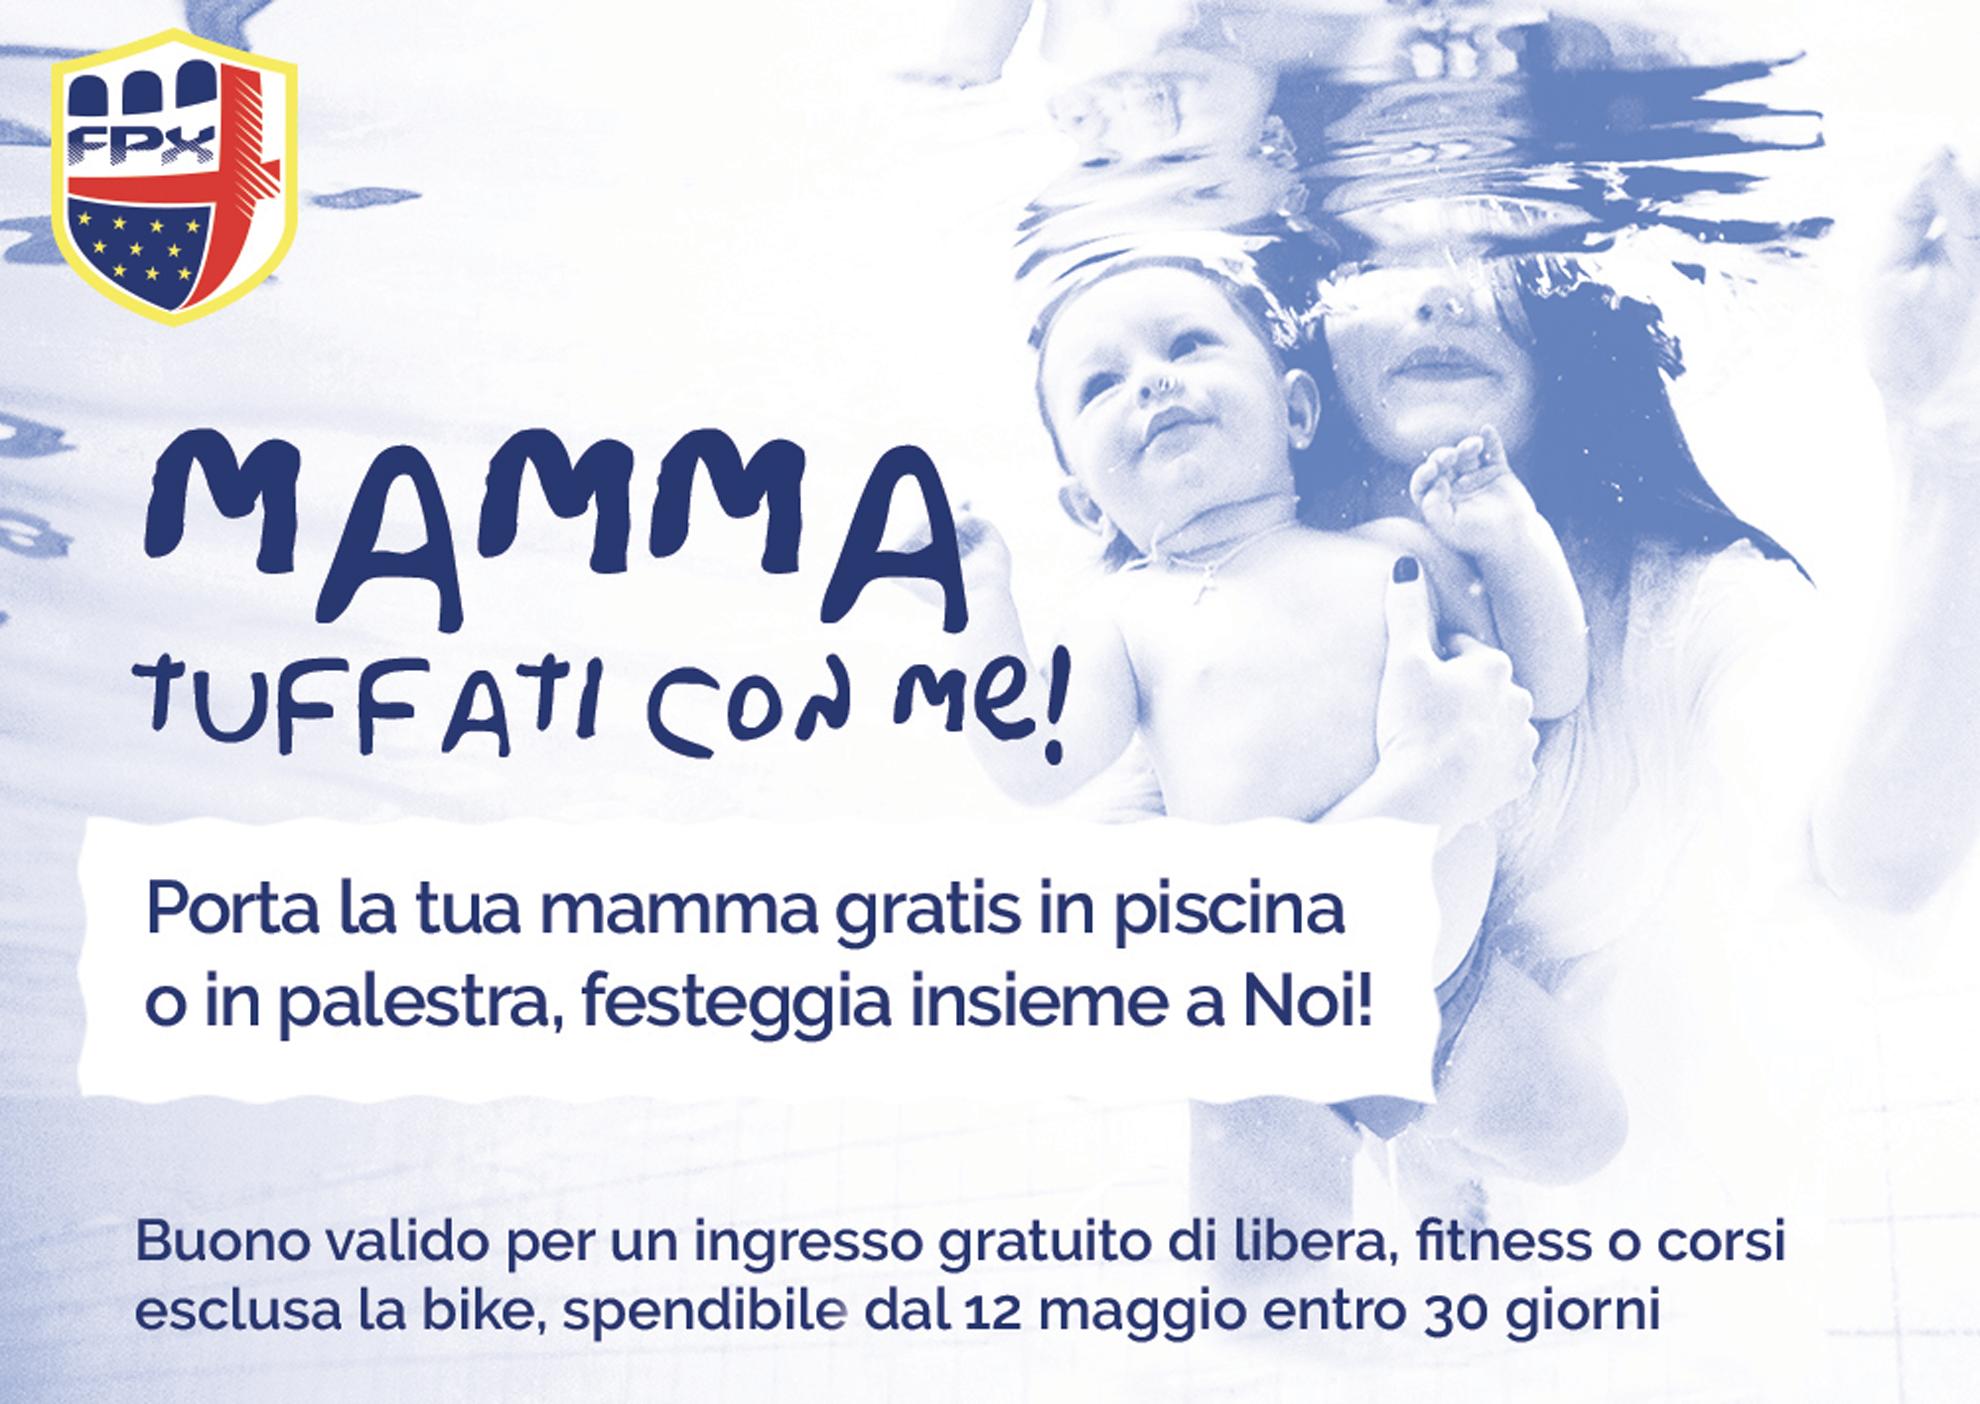 Buono-festa-mamma-FPX-2019